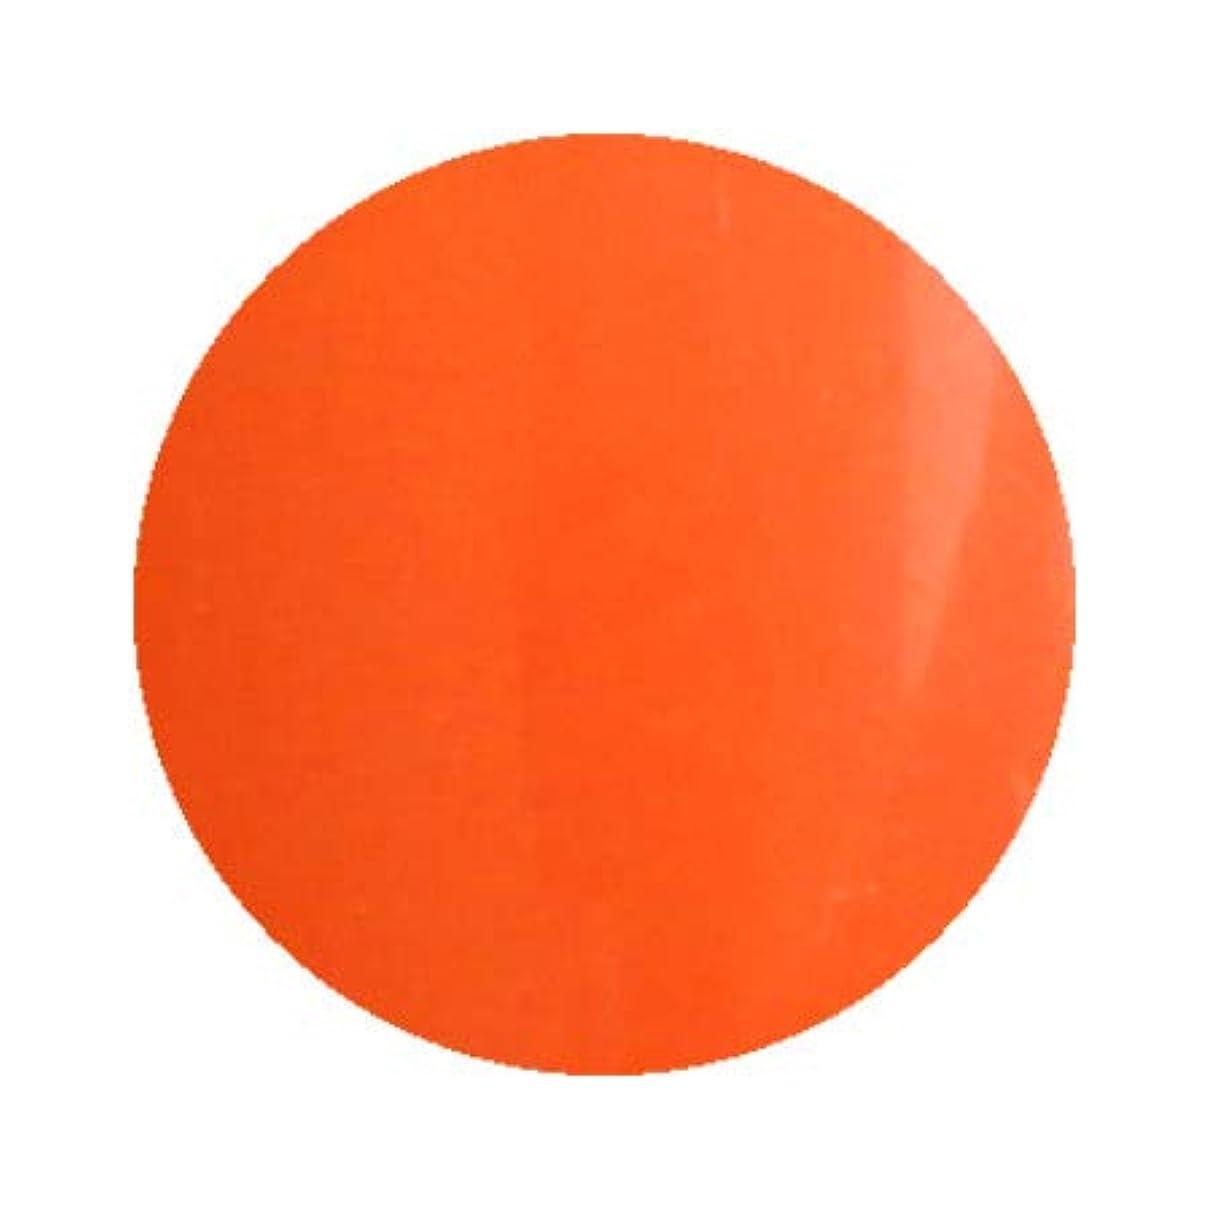 配管合わせて検出するInity アイニティ ハイエンドカラー OR-03M サーモンオレンジ 3g